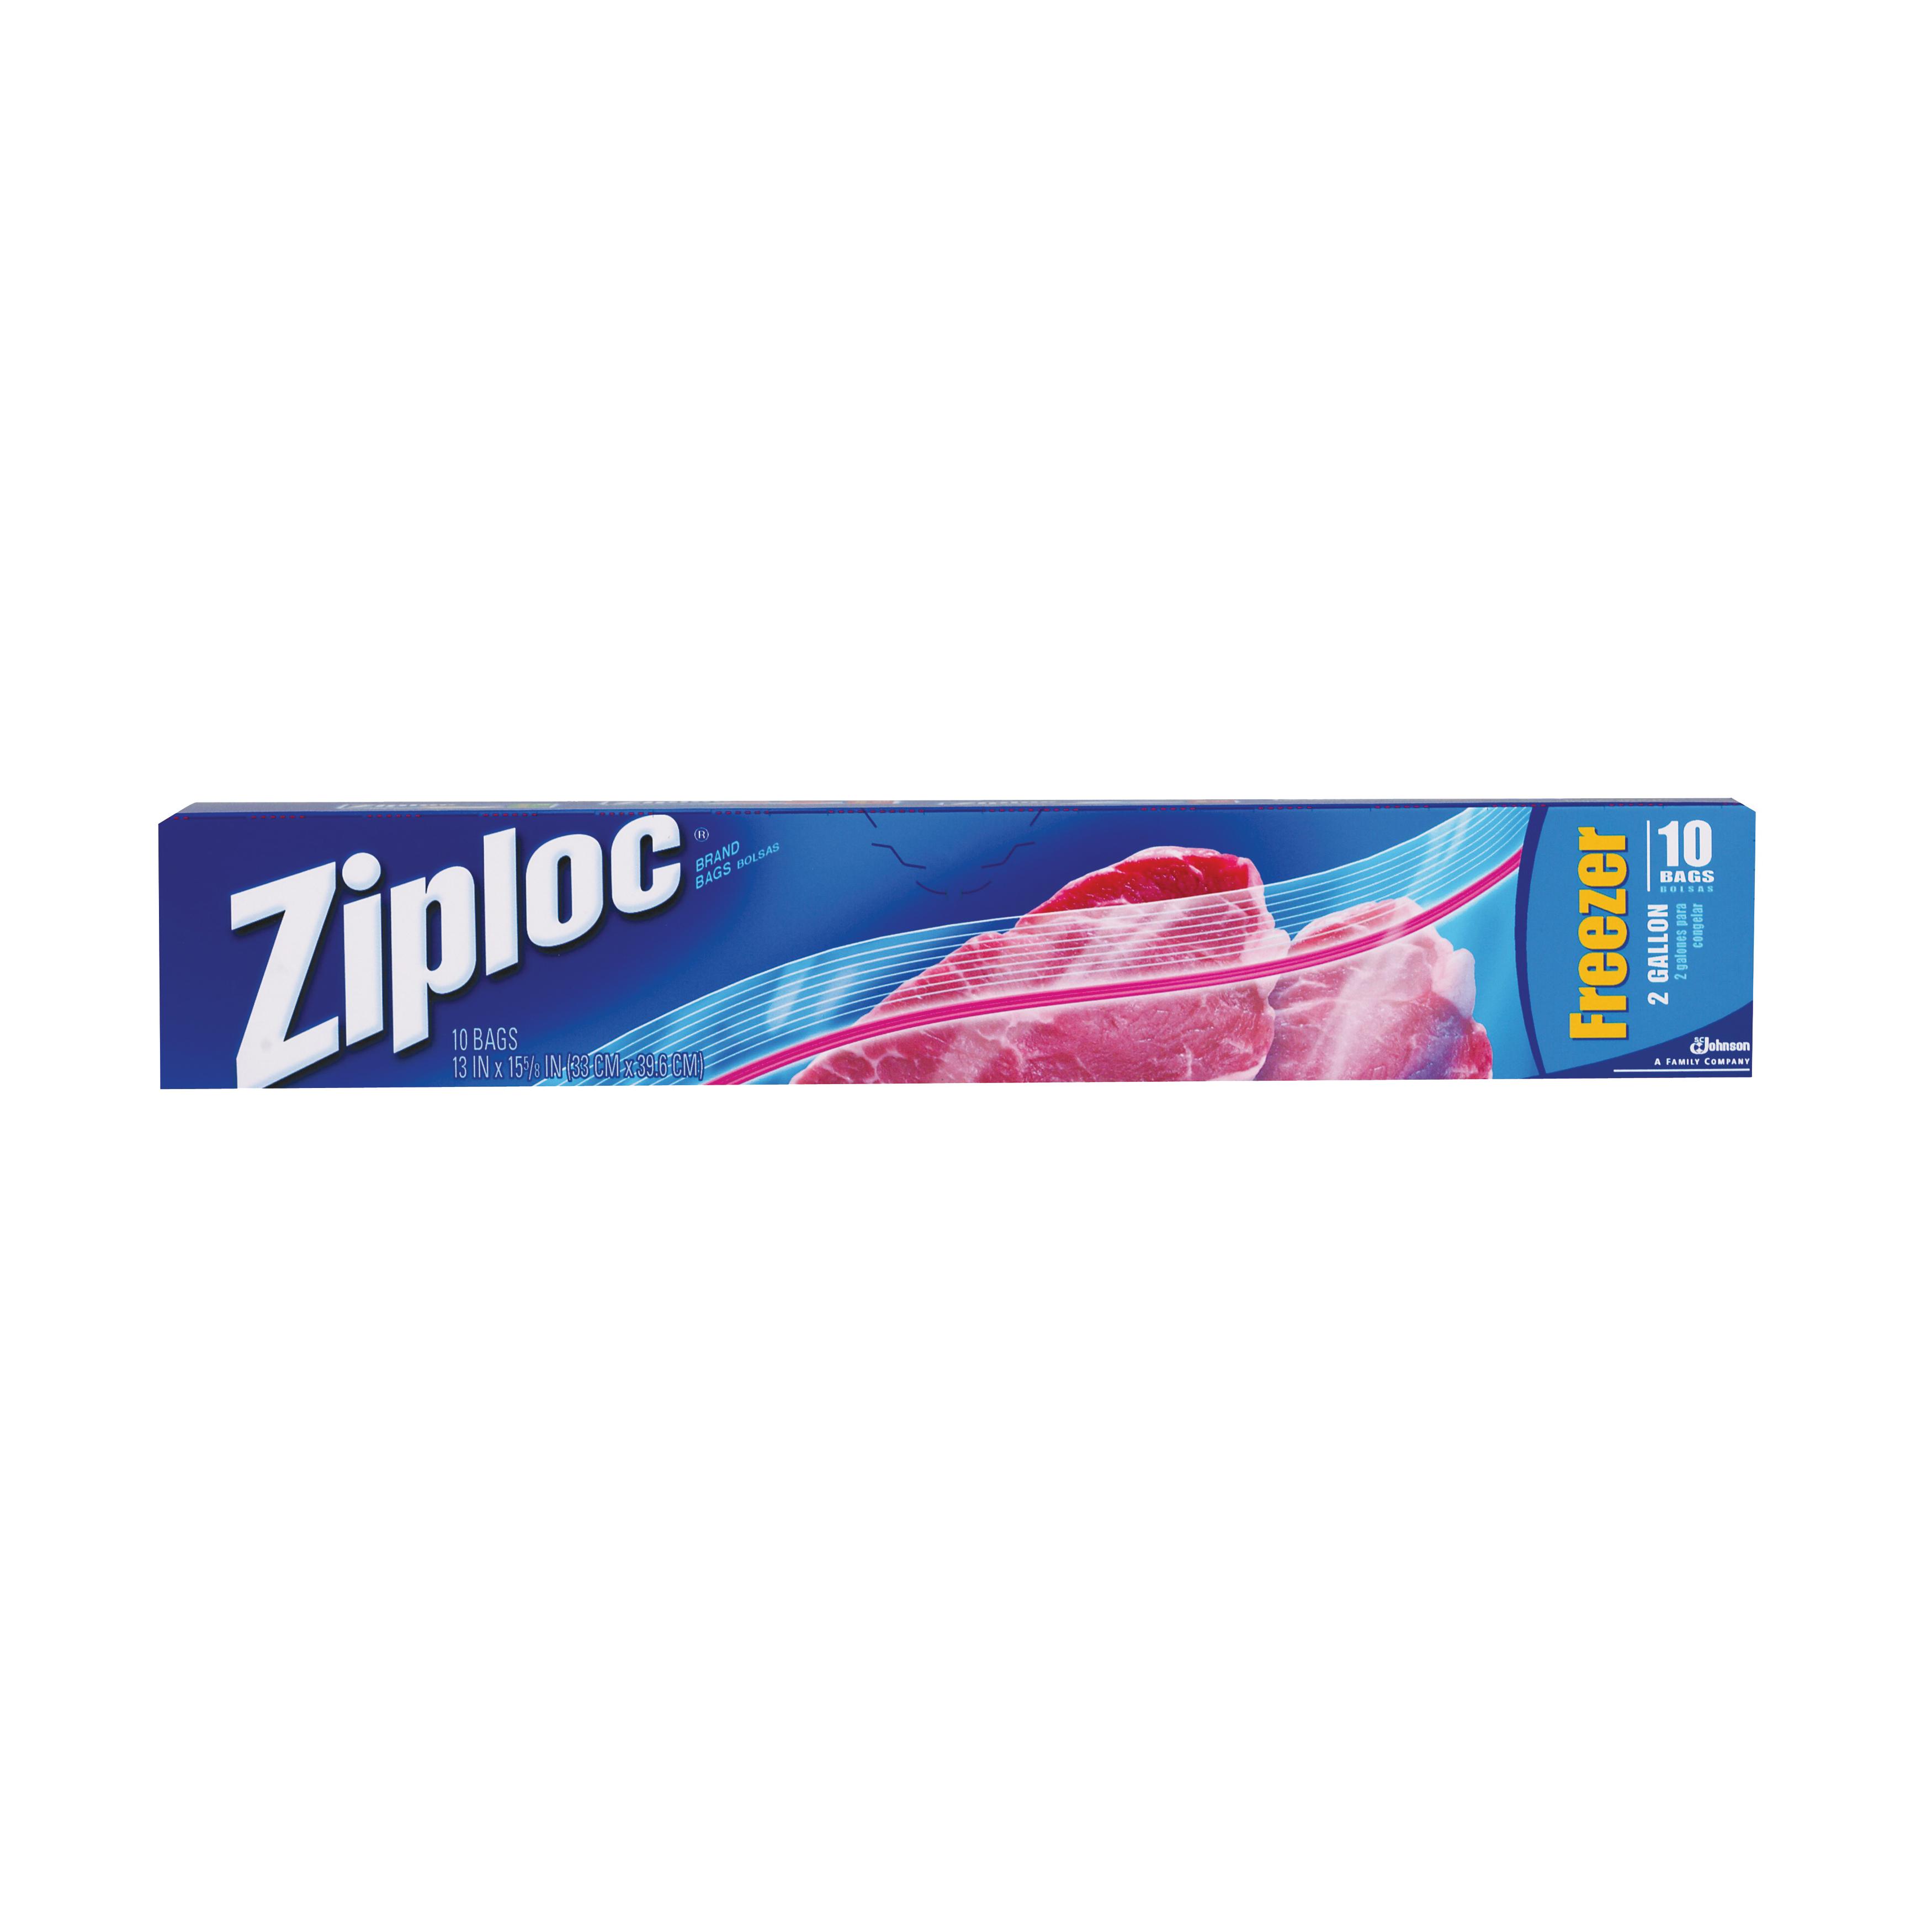 Ziploc 01132